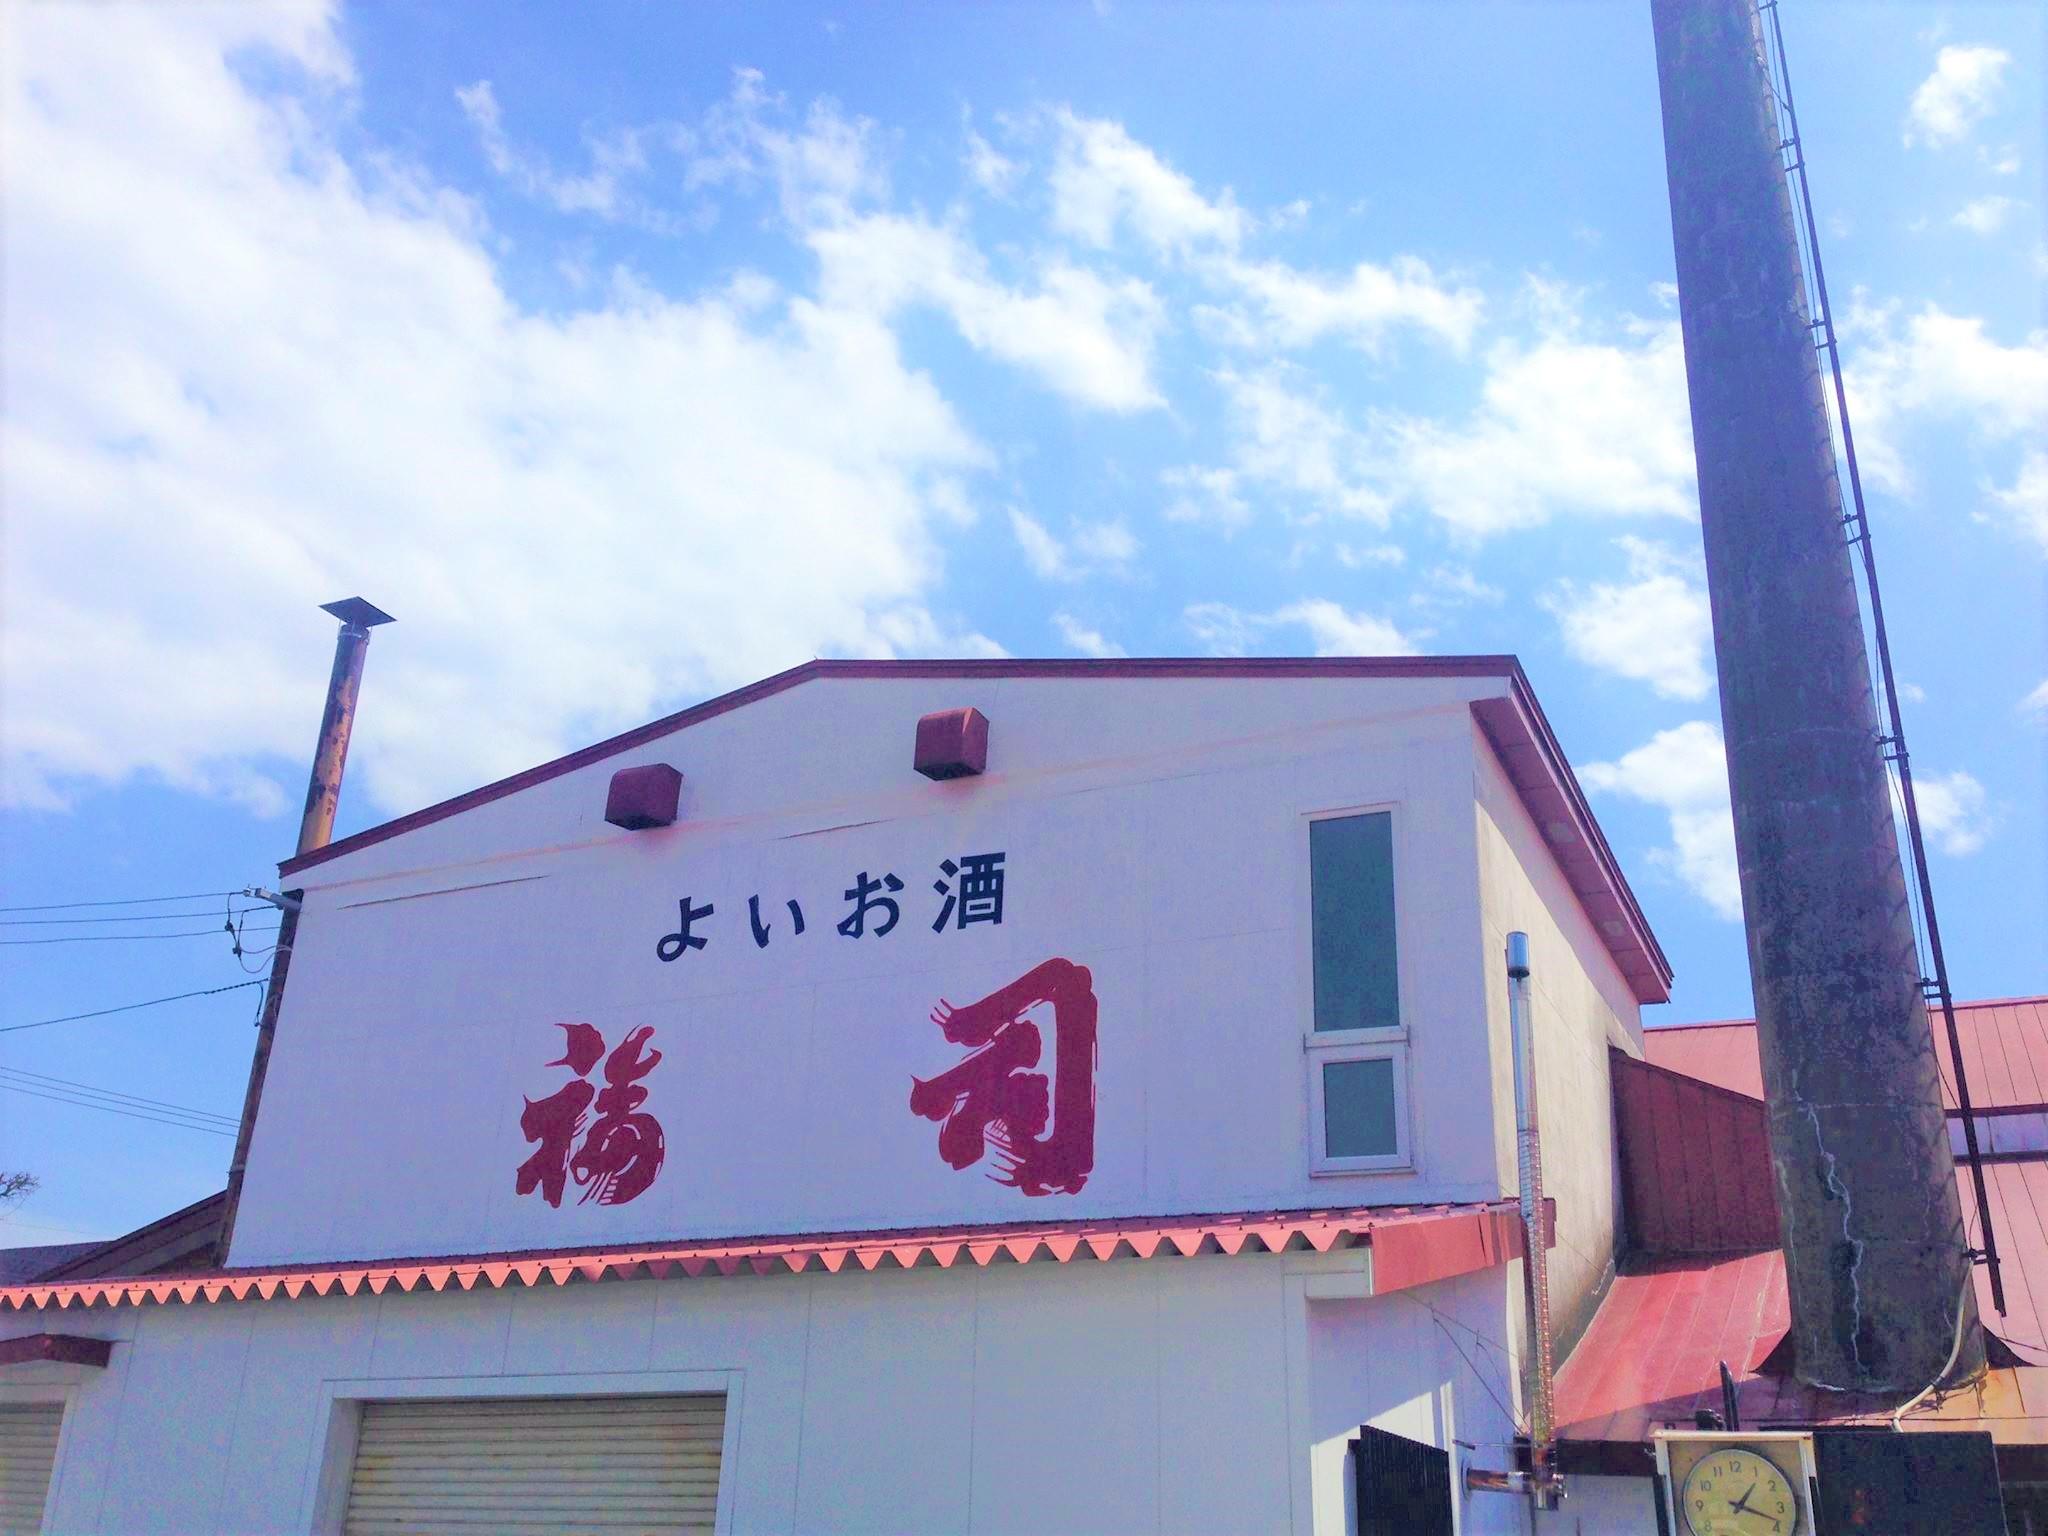 【日本酒】福司 太陽色のひととき☀ スパークリング清酒⛲ 蔵元100周年限定SPver 30BY🆕_e0173738_10211970.jpg